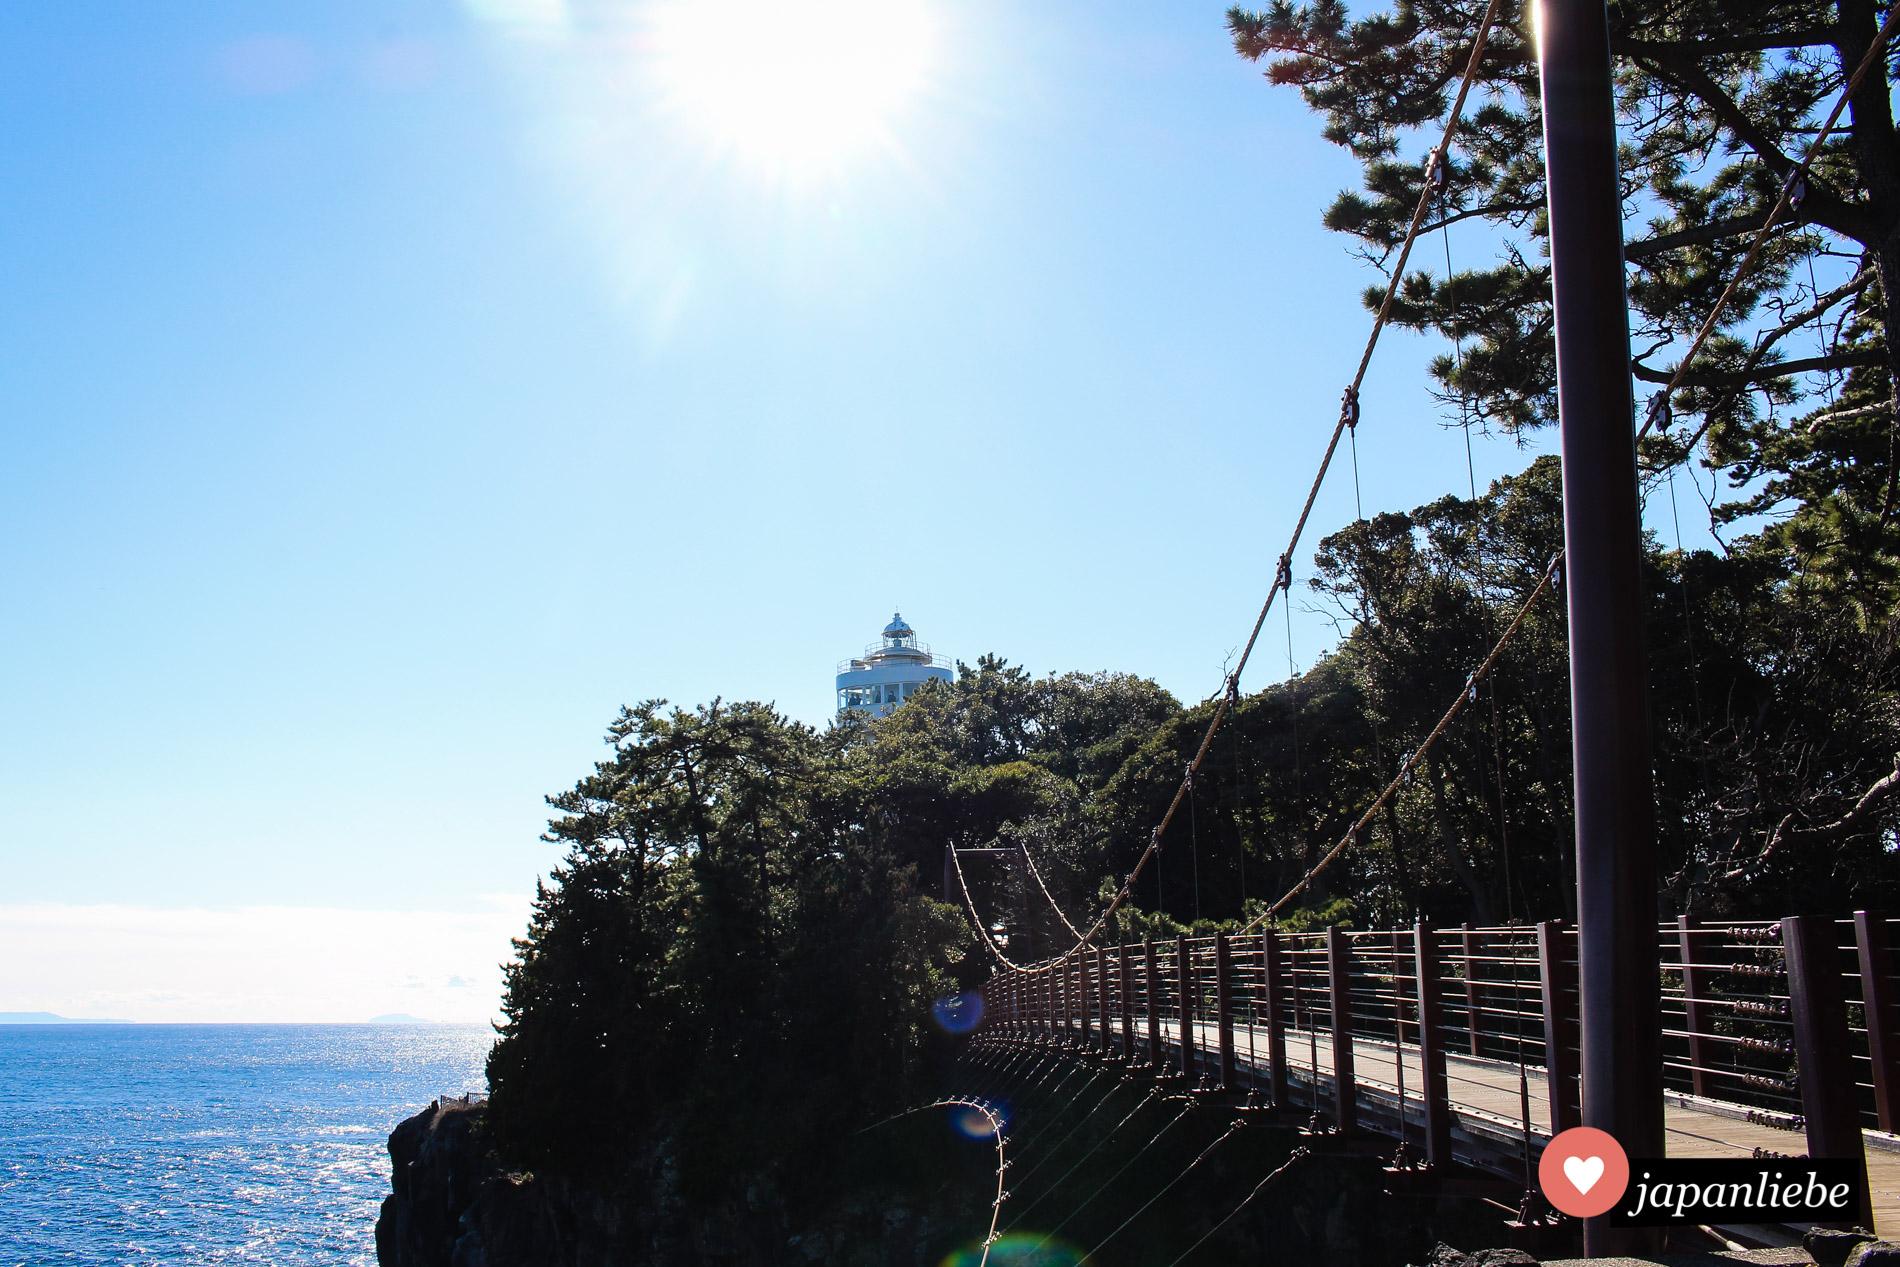 Eine 38 Meter lange Hängebrücke führt knapp 50 Meter über dem Wasser hinüber zum Kap Kadowaki.